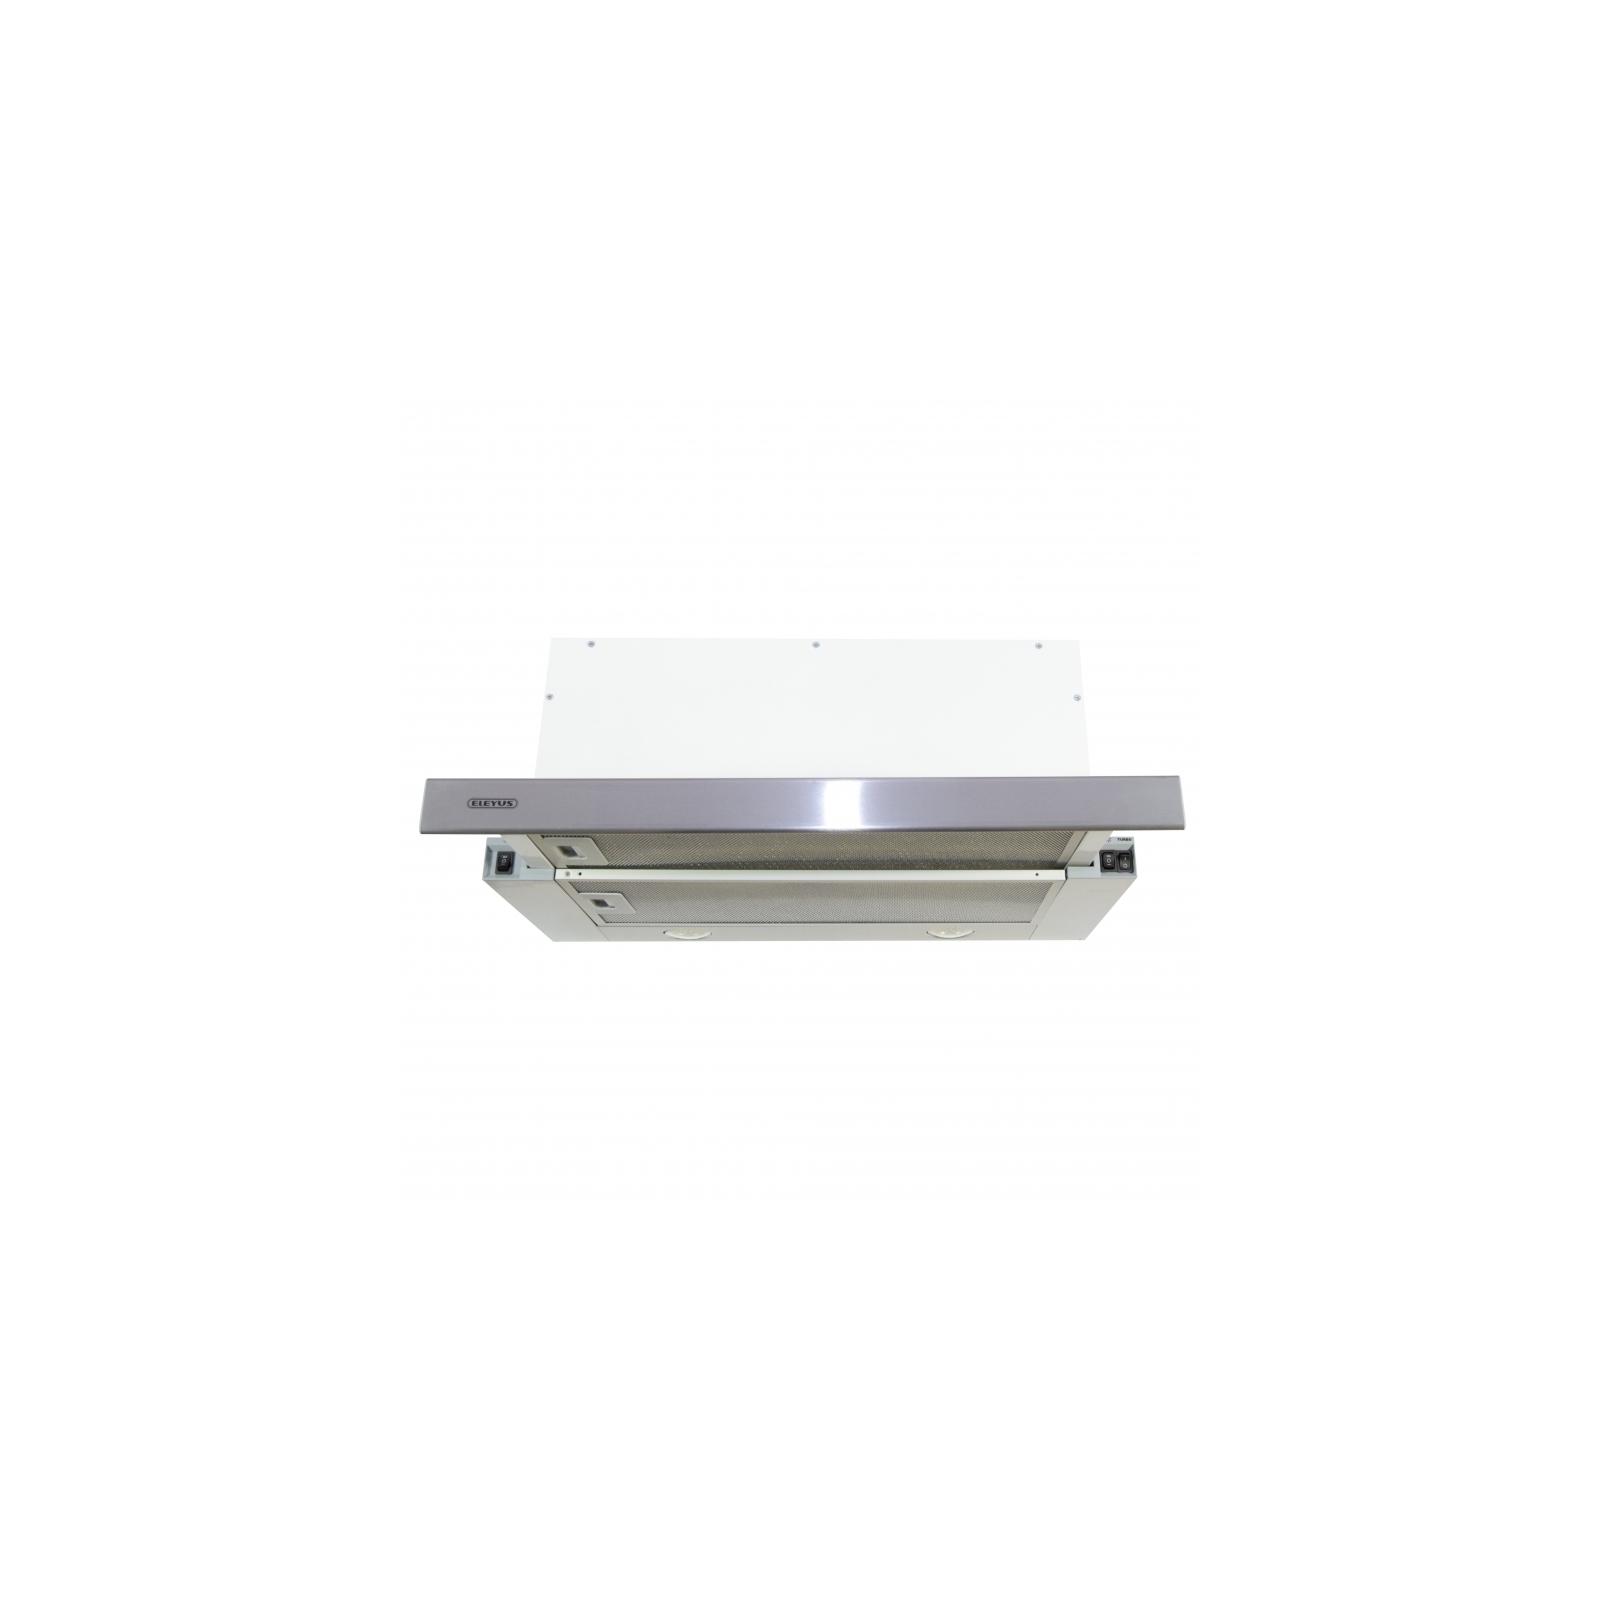 Вытяжка кухонная ELEYUS Storm 1200 LED 60 IS изображение 2